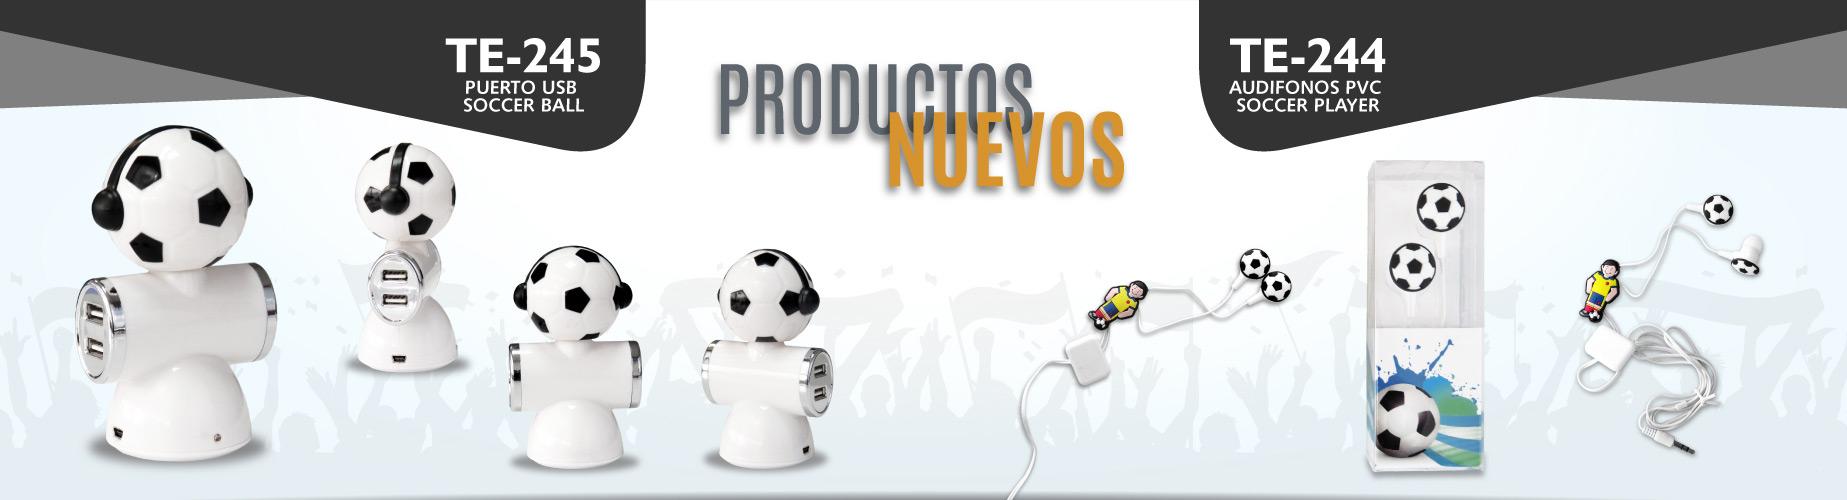 Productos Nuevos